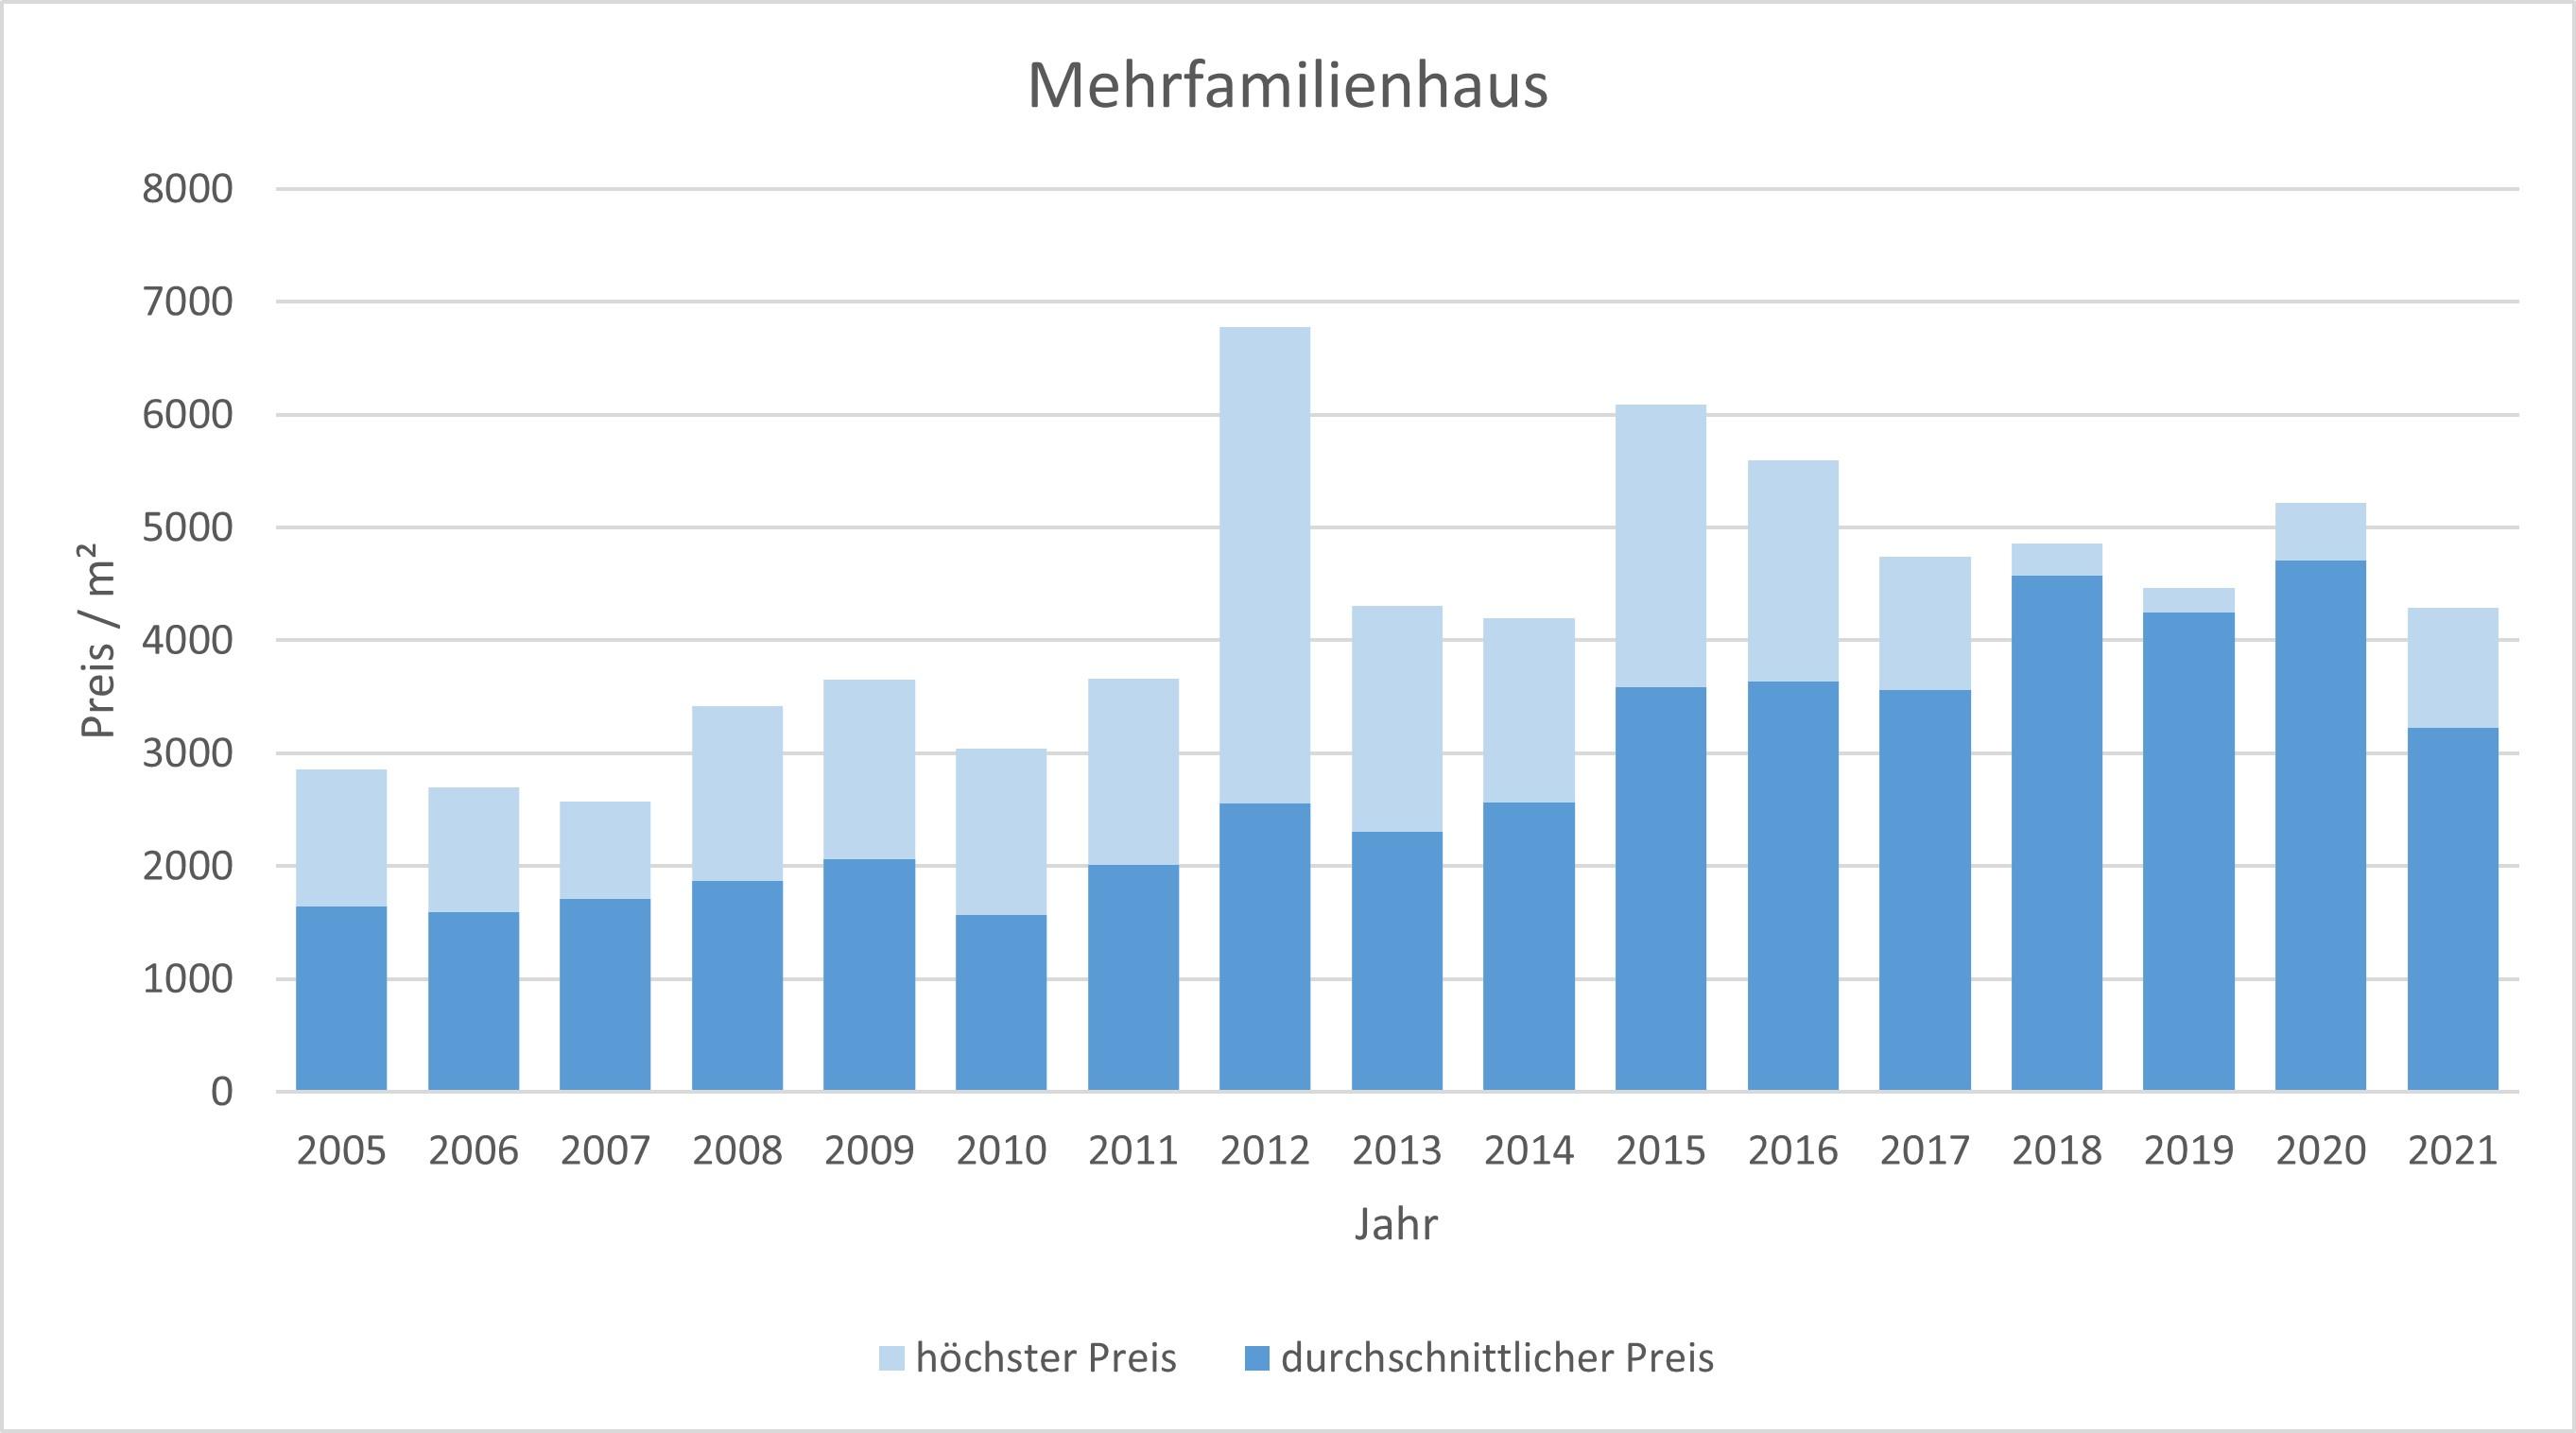 Bad Tölz Makler Mehrfamilienhaus Kaufen Verkaufen Preis Bewertung 2019, 2020, 2021